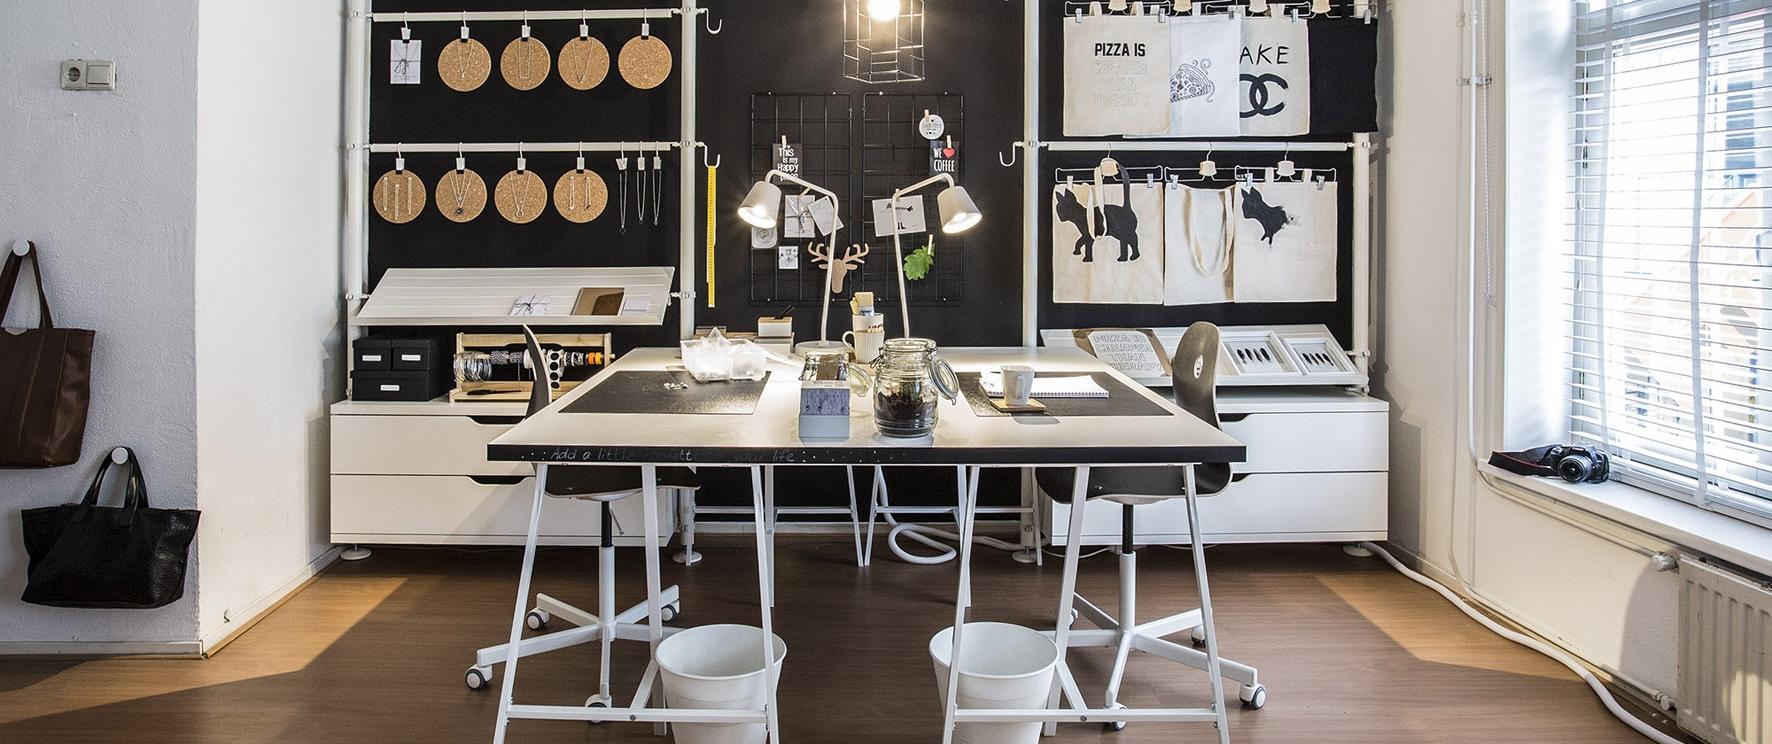 Exclusieve Nolte Keukens : Startpagina voor Interieur en wonen ideeën ...